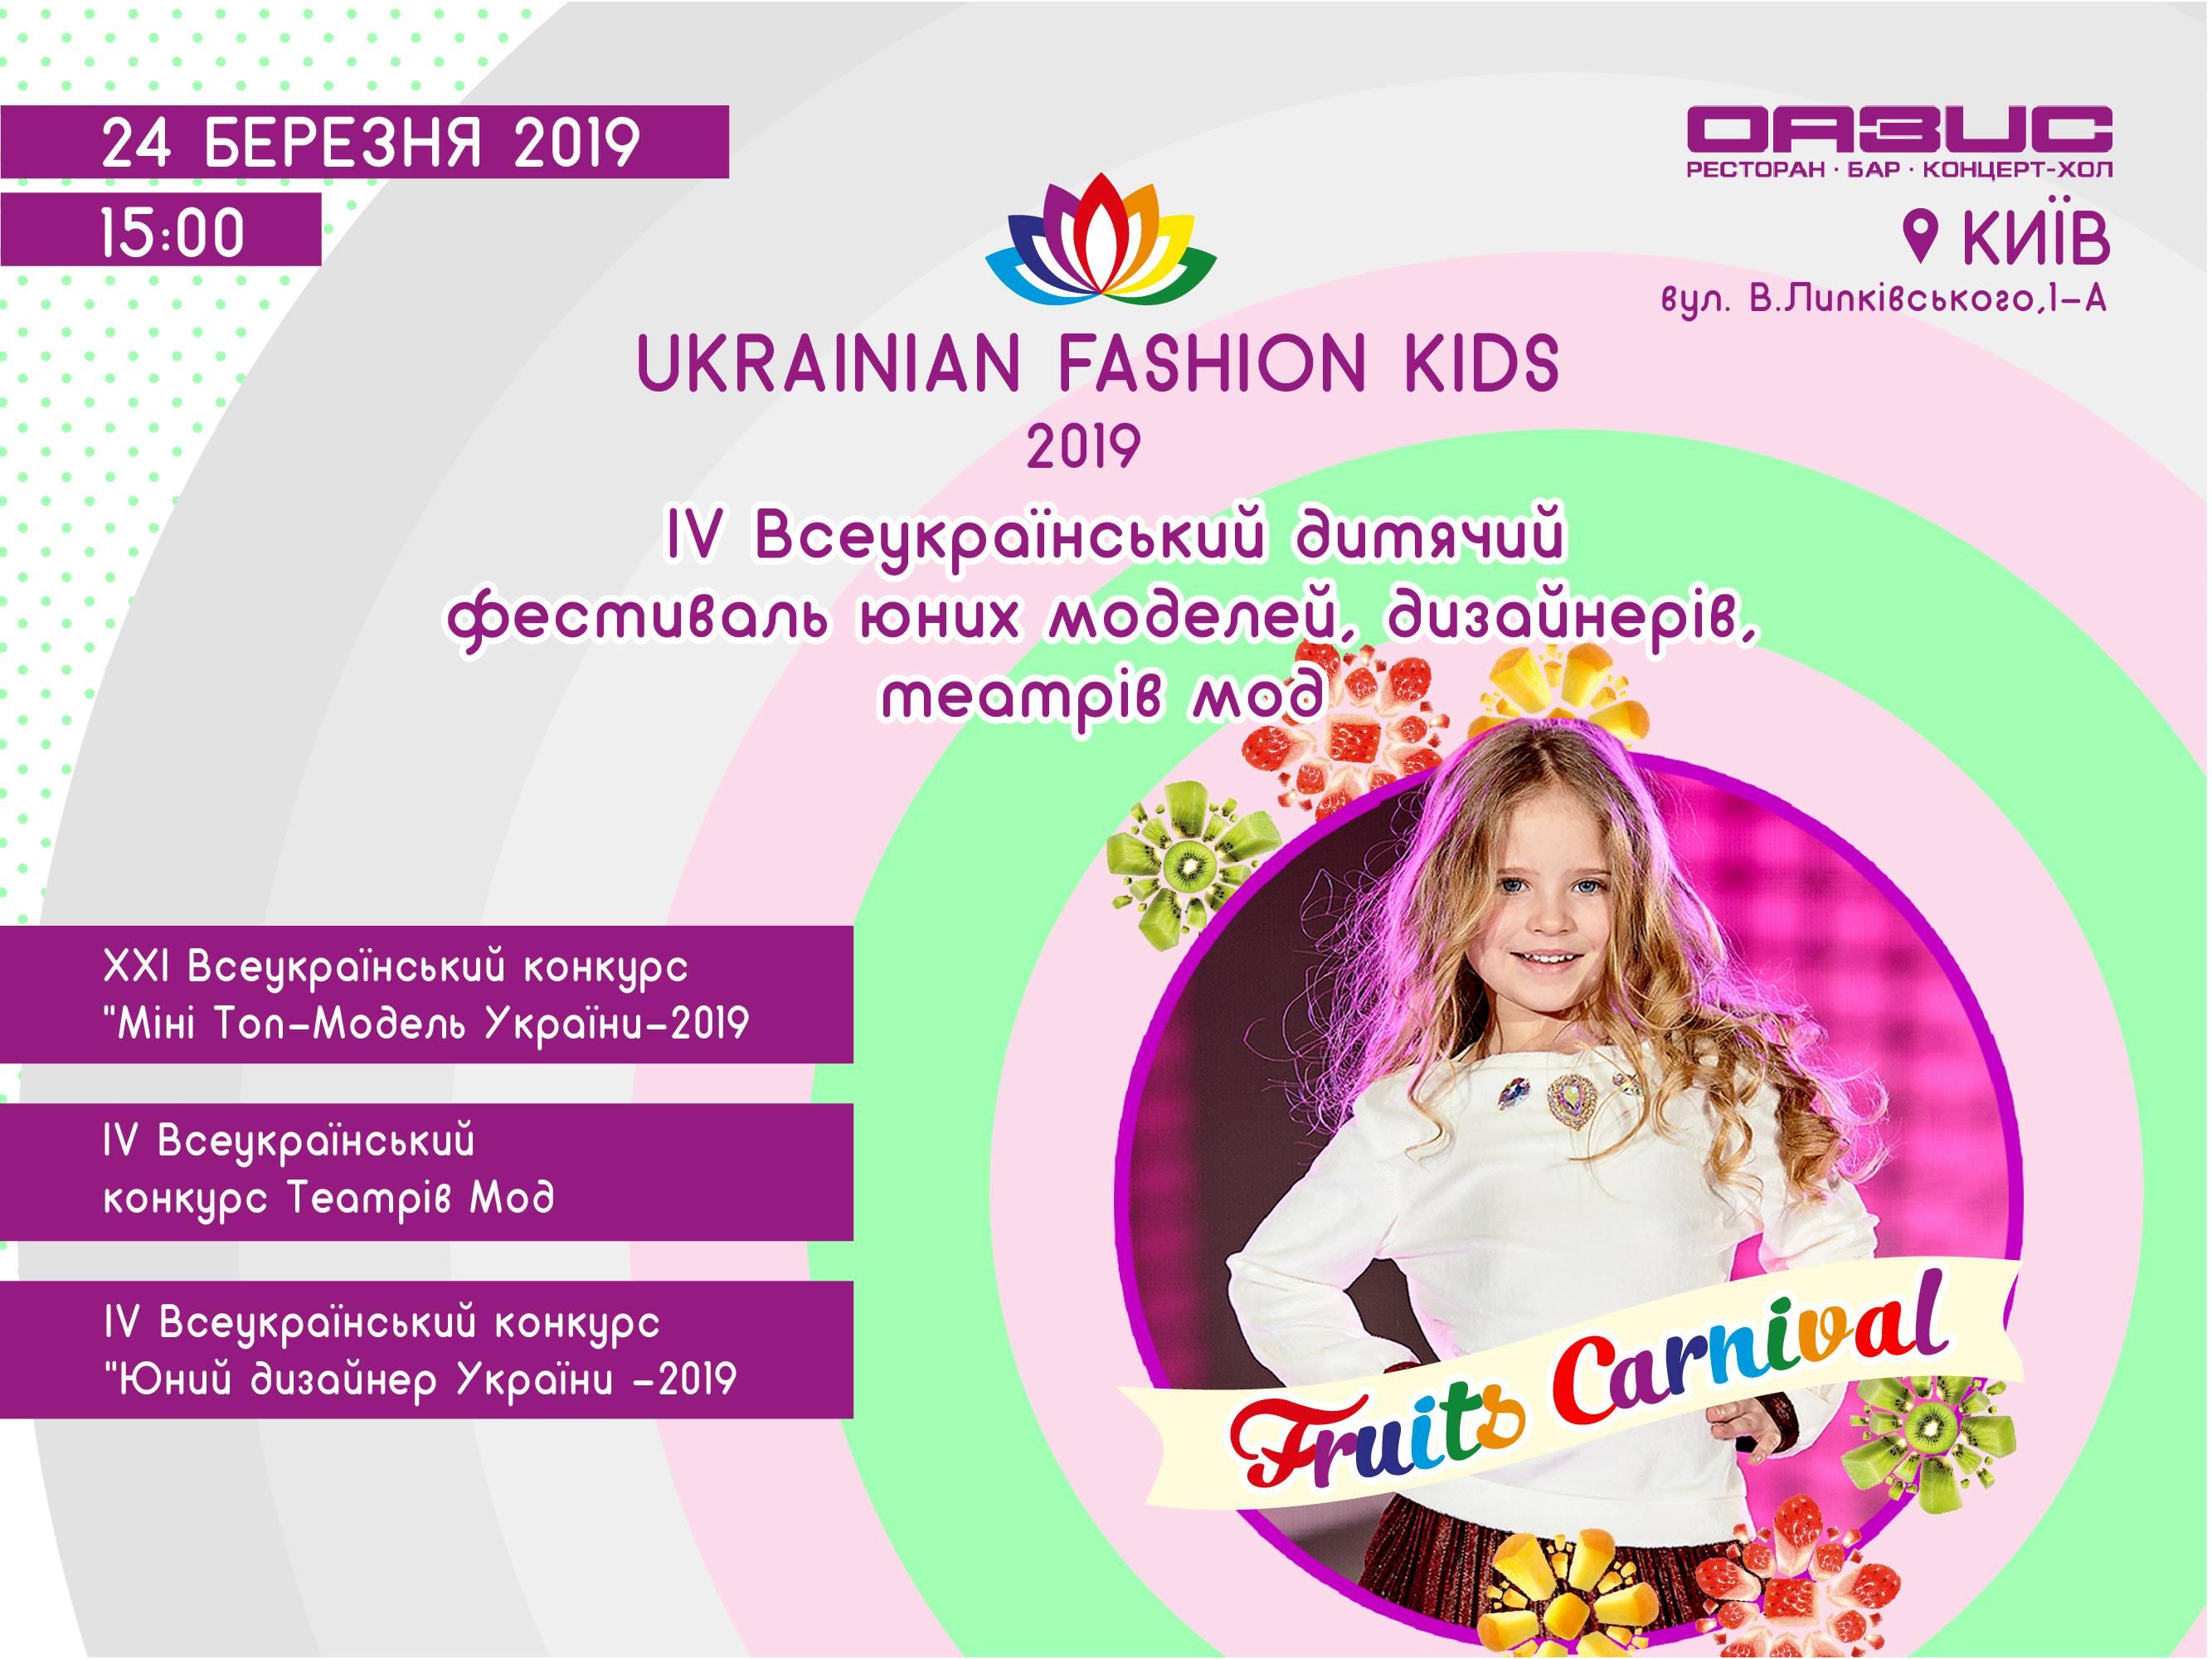 В Киеве пройдет главный фестиваль детской моды UKRAINIAN FASHION KIDS-2019